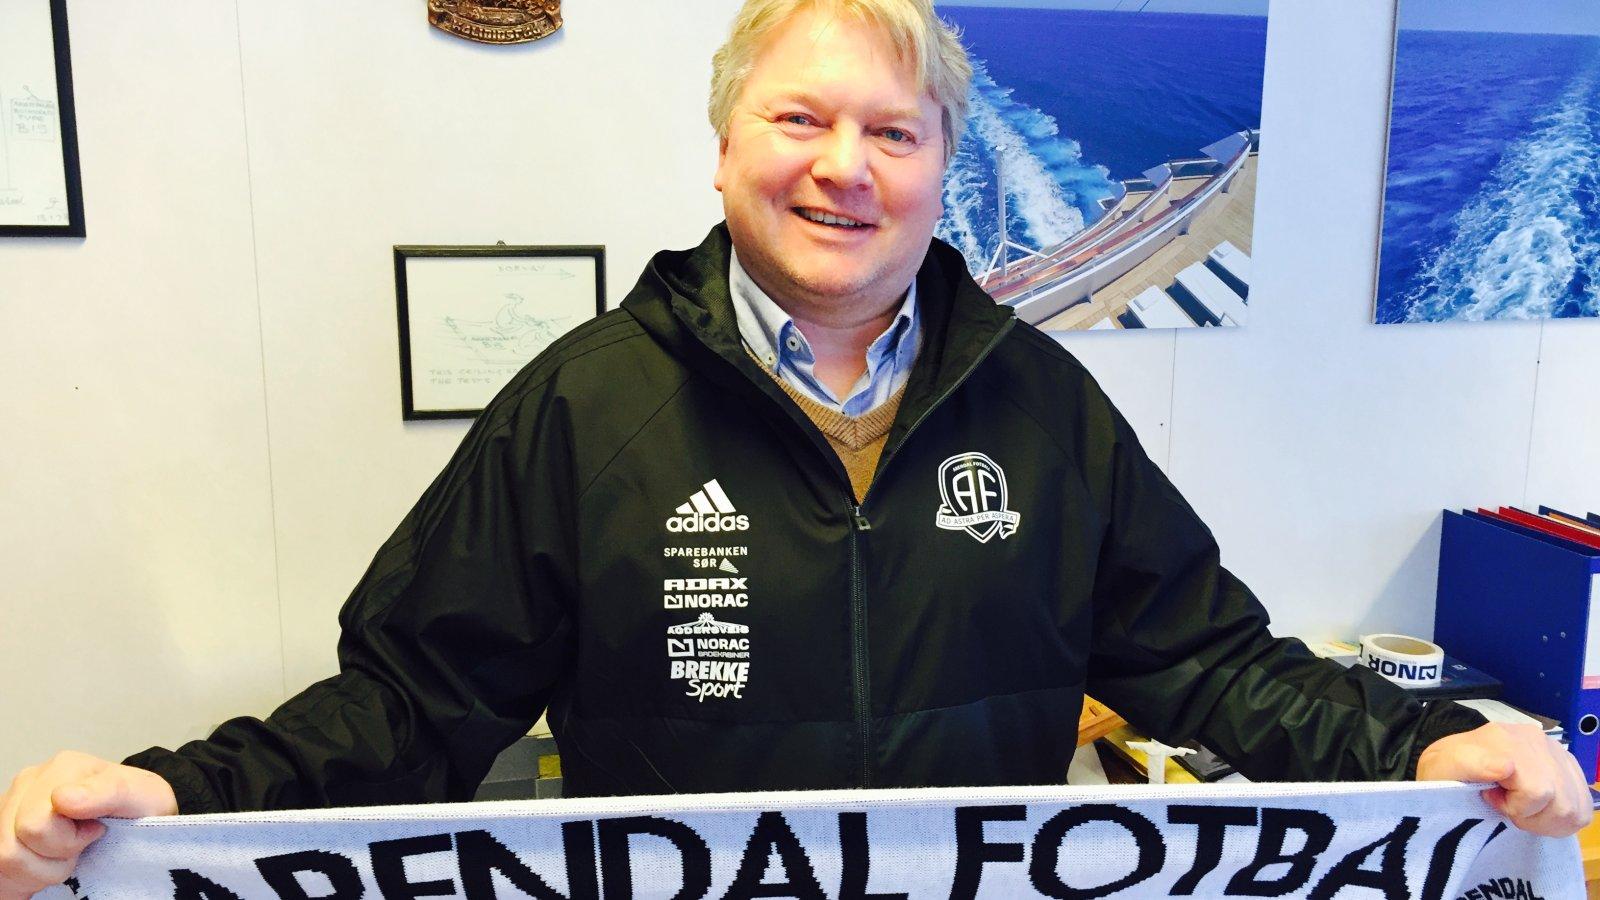 Rune Aarrestad og Norac er en langsiktig samarbeidspartner for Arendal Fotball. Nå har de forlenget avtalen som generalpartner for klubben, i tillegg til at selskapet har kjøpt rettighetene til stadionnavnet de neste 12 årene.